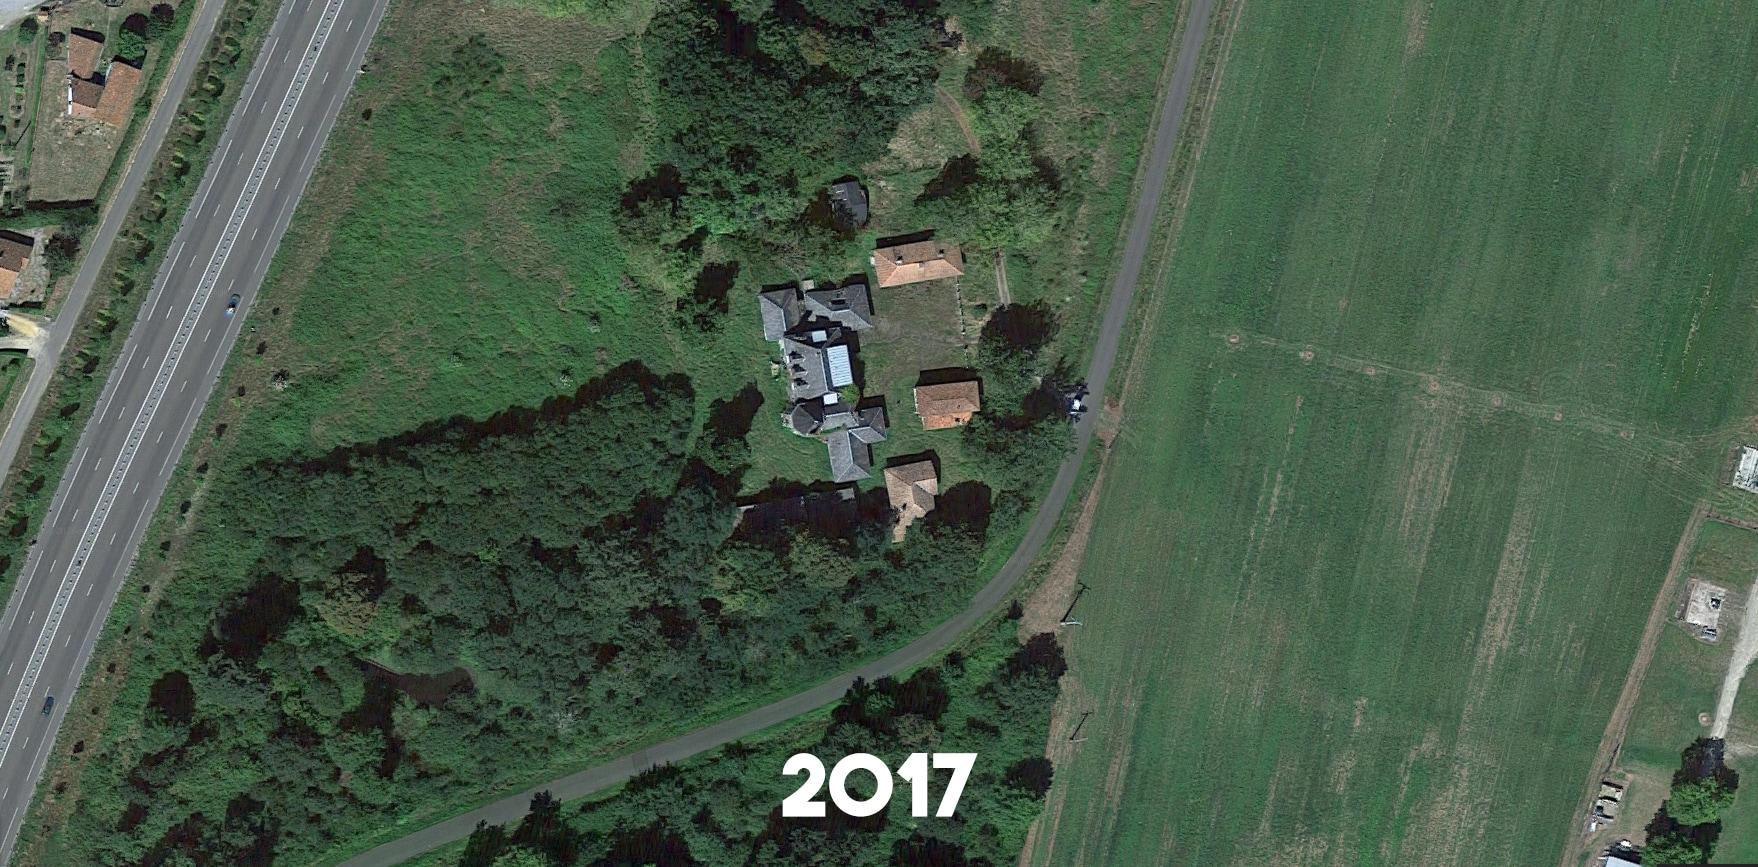 chateau-peter-dupas-map-2017